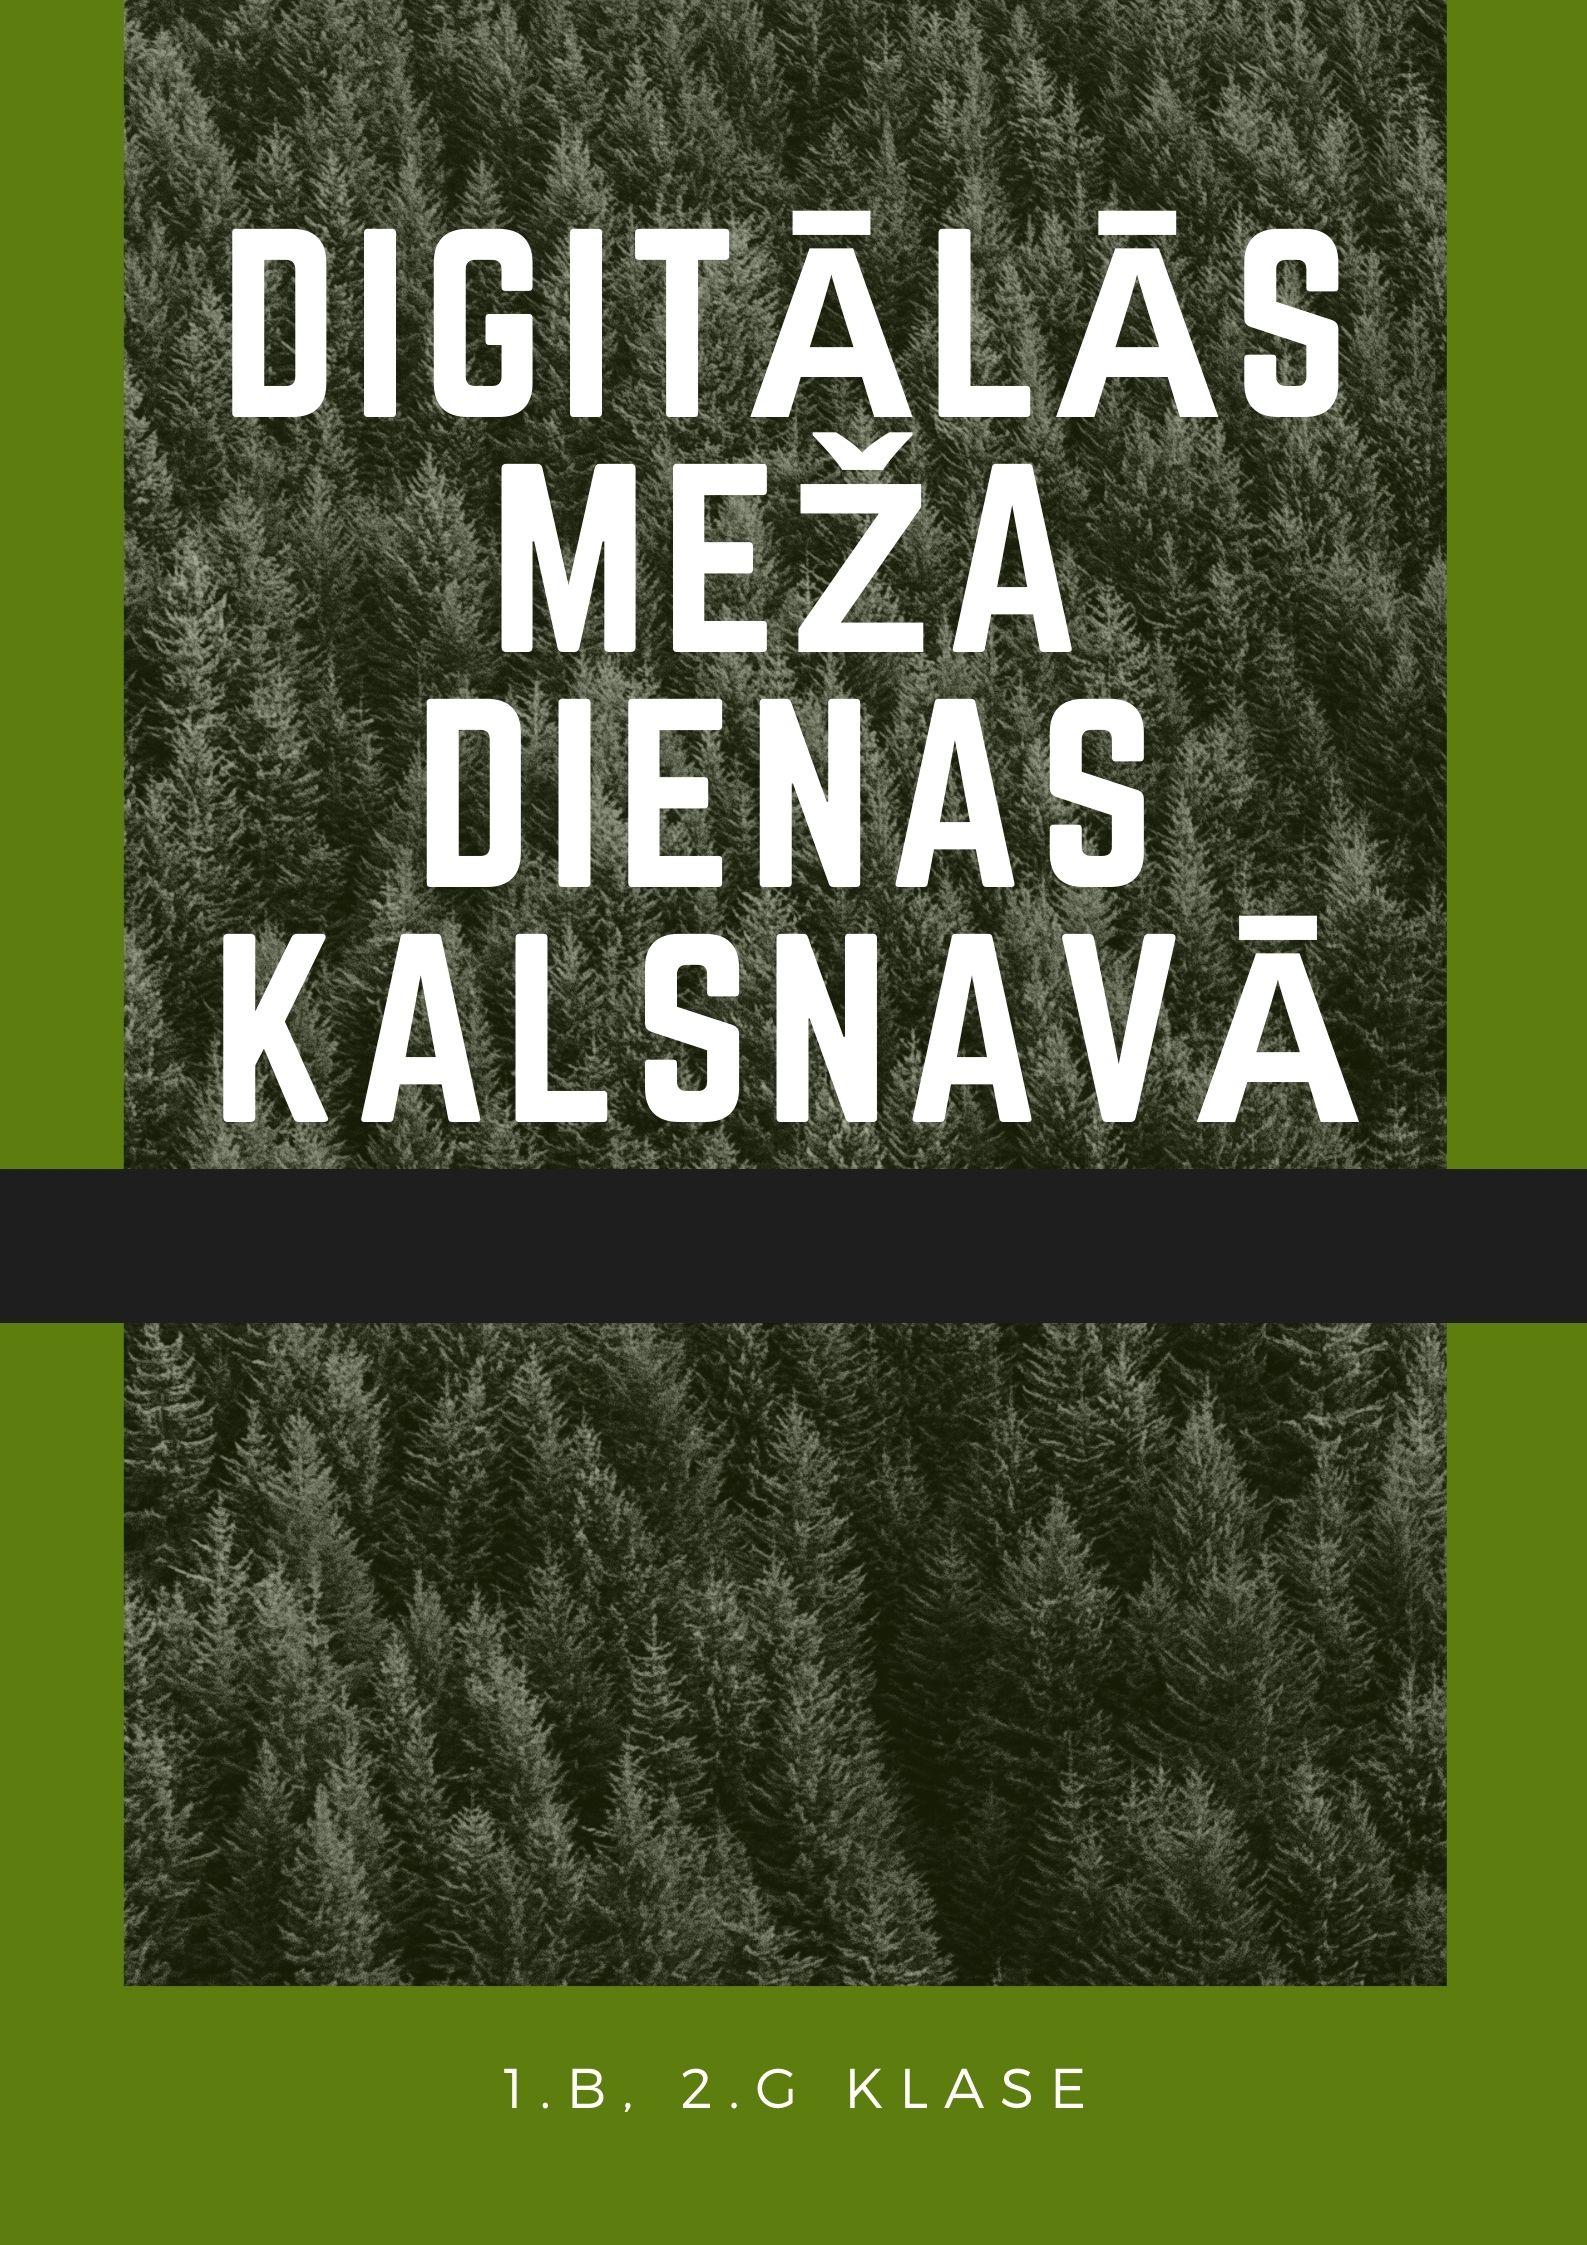 Digitālās meža dienas (L. Leišavniece, 1.b klases audzinātāja)